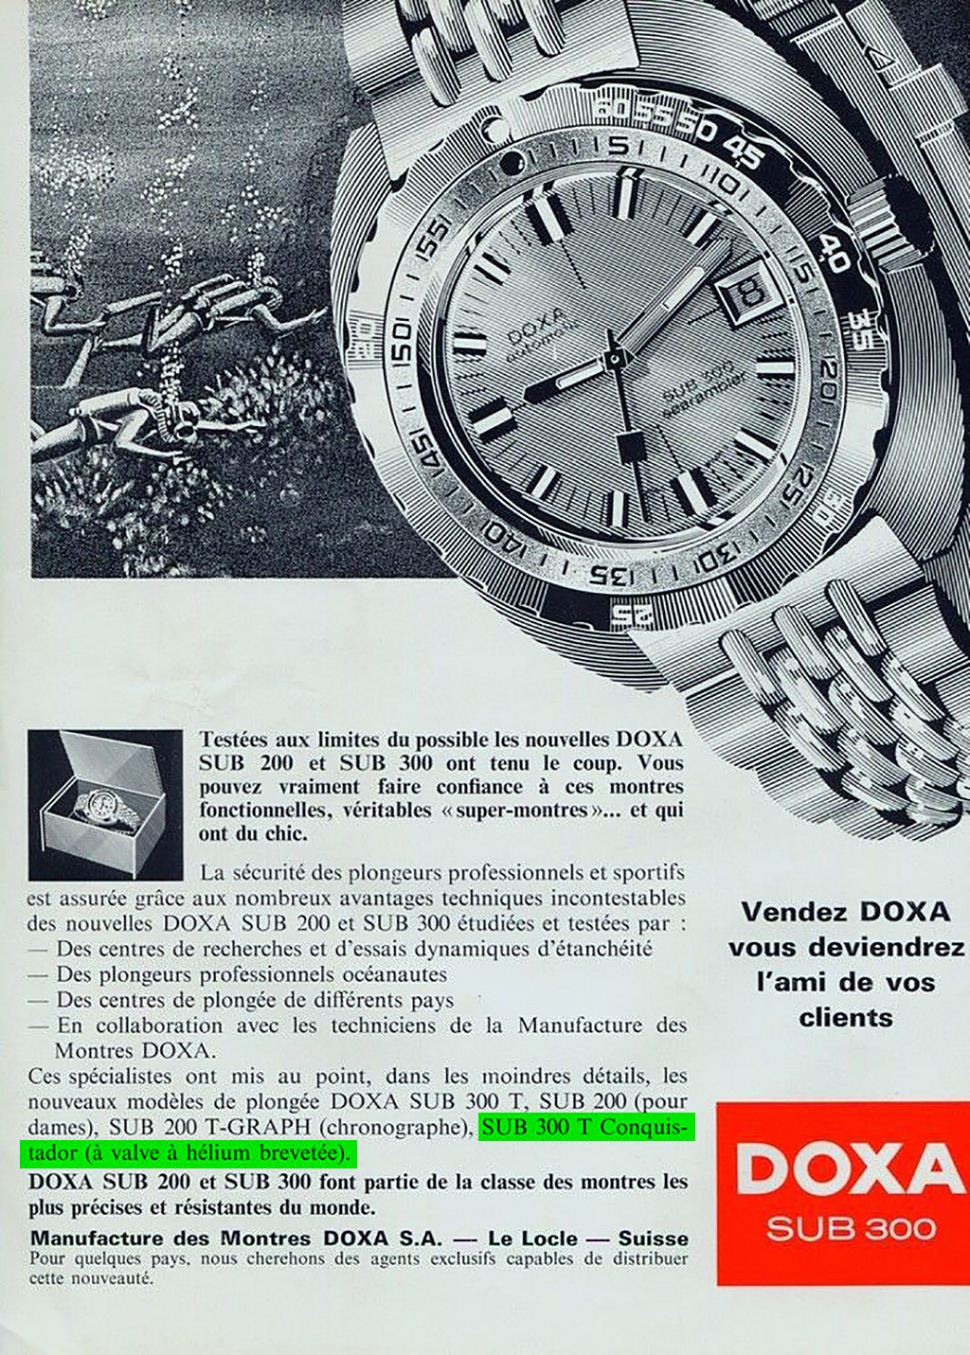 200224-doxa-ad-sub-300-t-conquistador